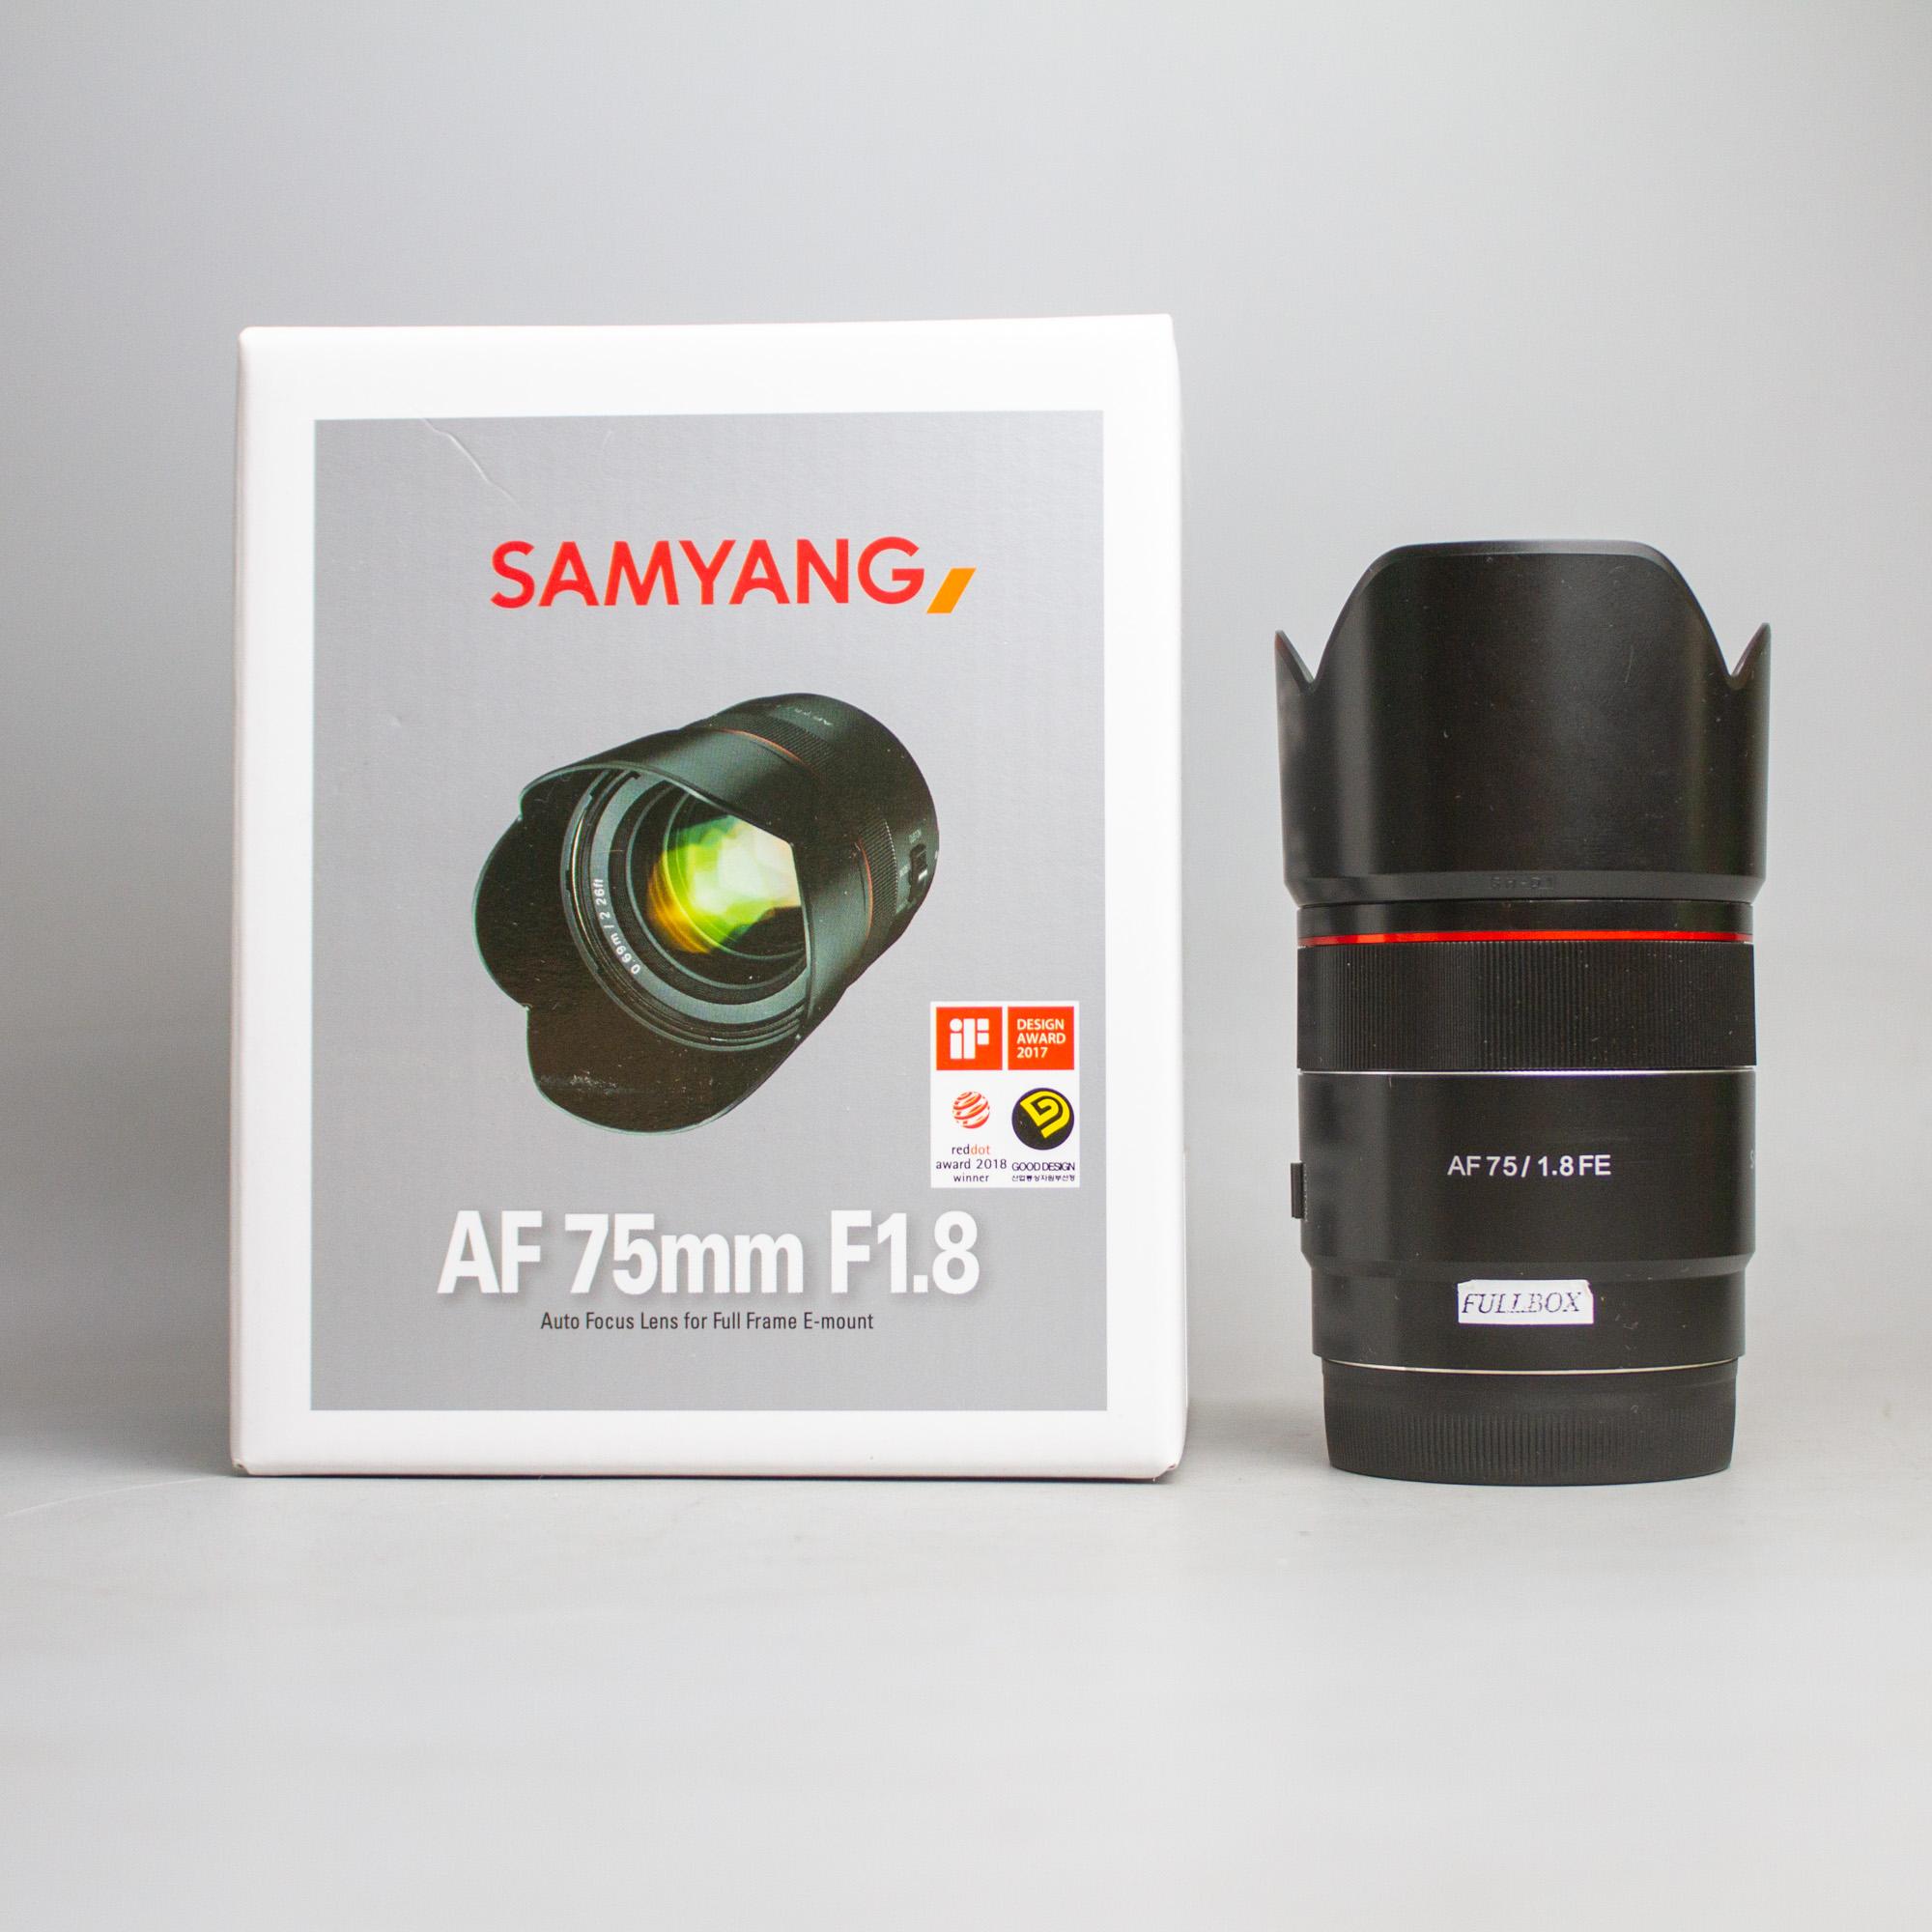 rokinon-samyang-75mm-f1-8-fe-fullbox-75-1-8-18794